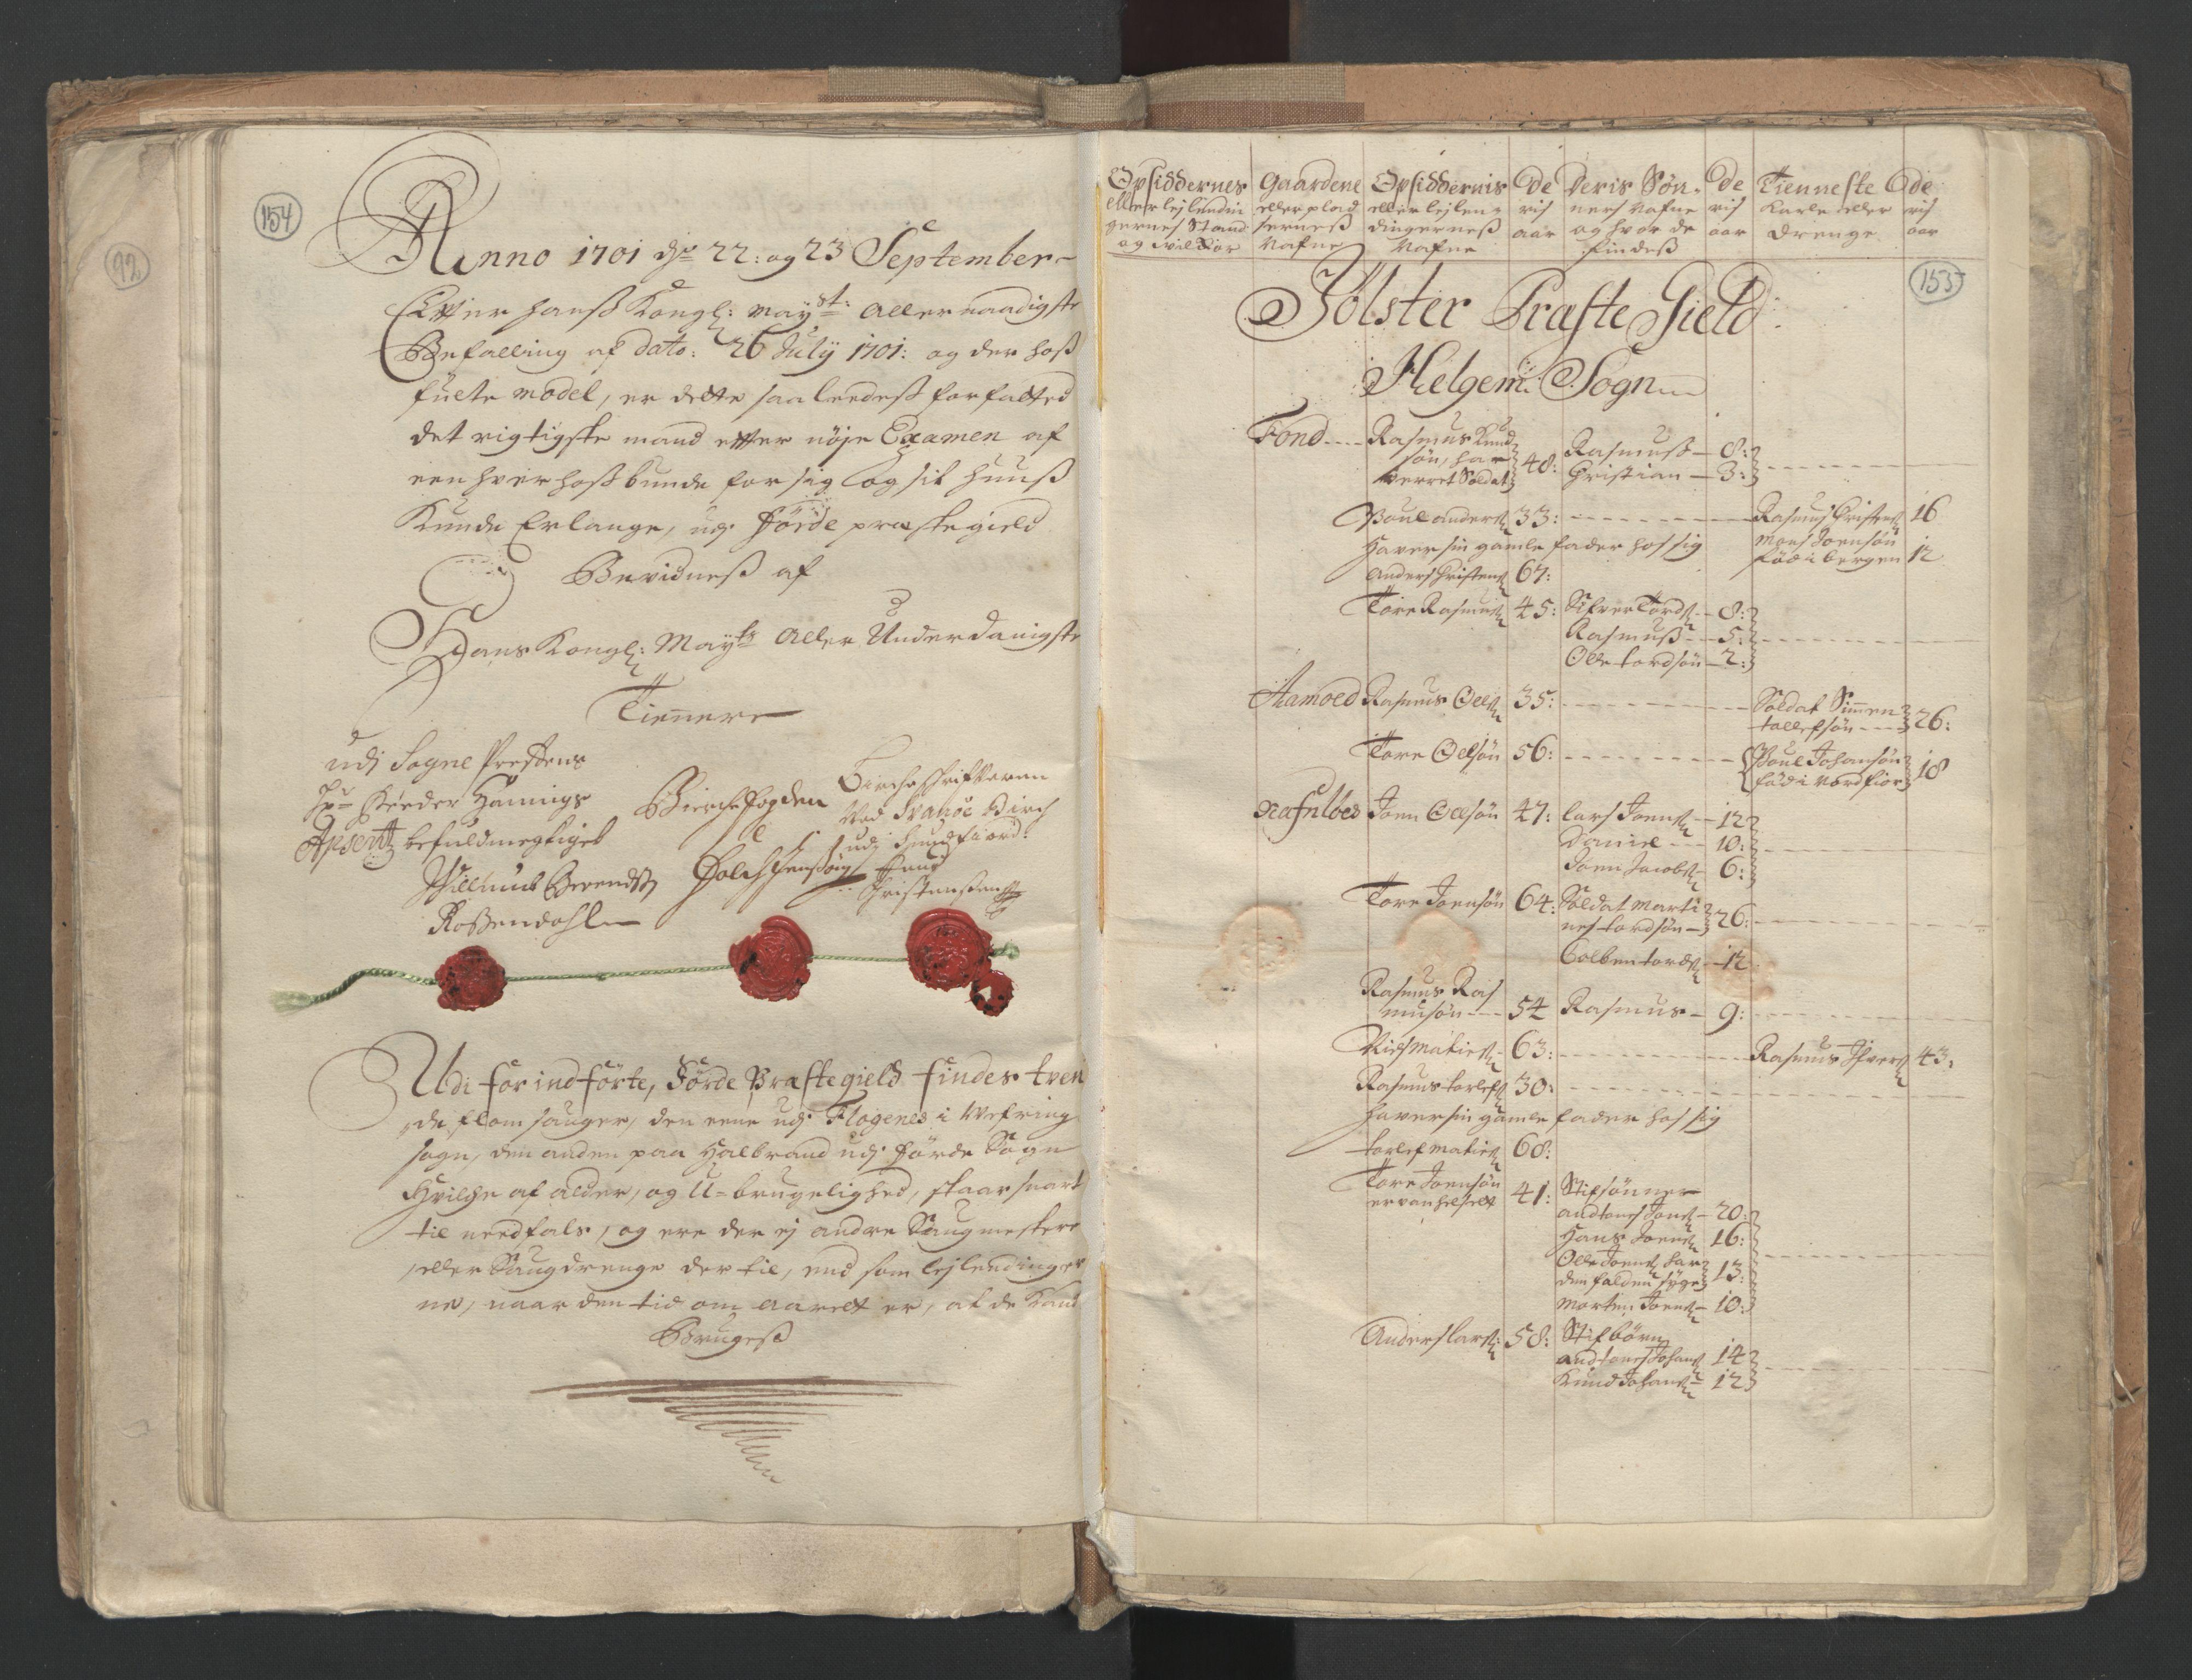 RA, Manntallet 1701, nr. 9: Sunnfjord fogderi, Nordfjord fogderi og Svanø birk, 1701, s. 154-155